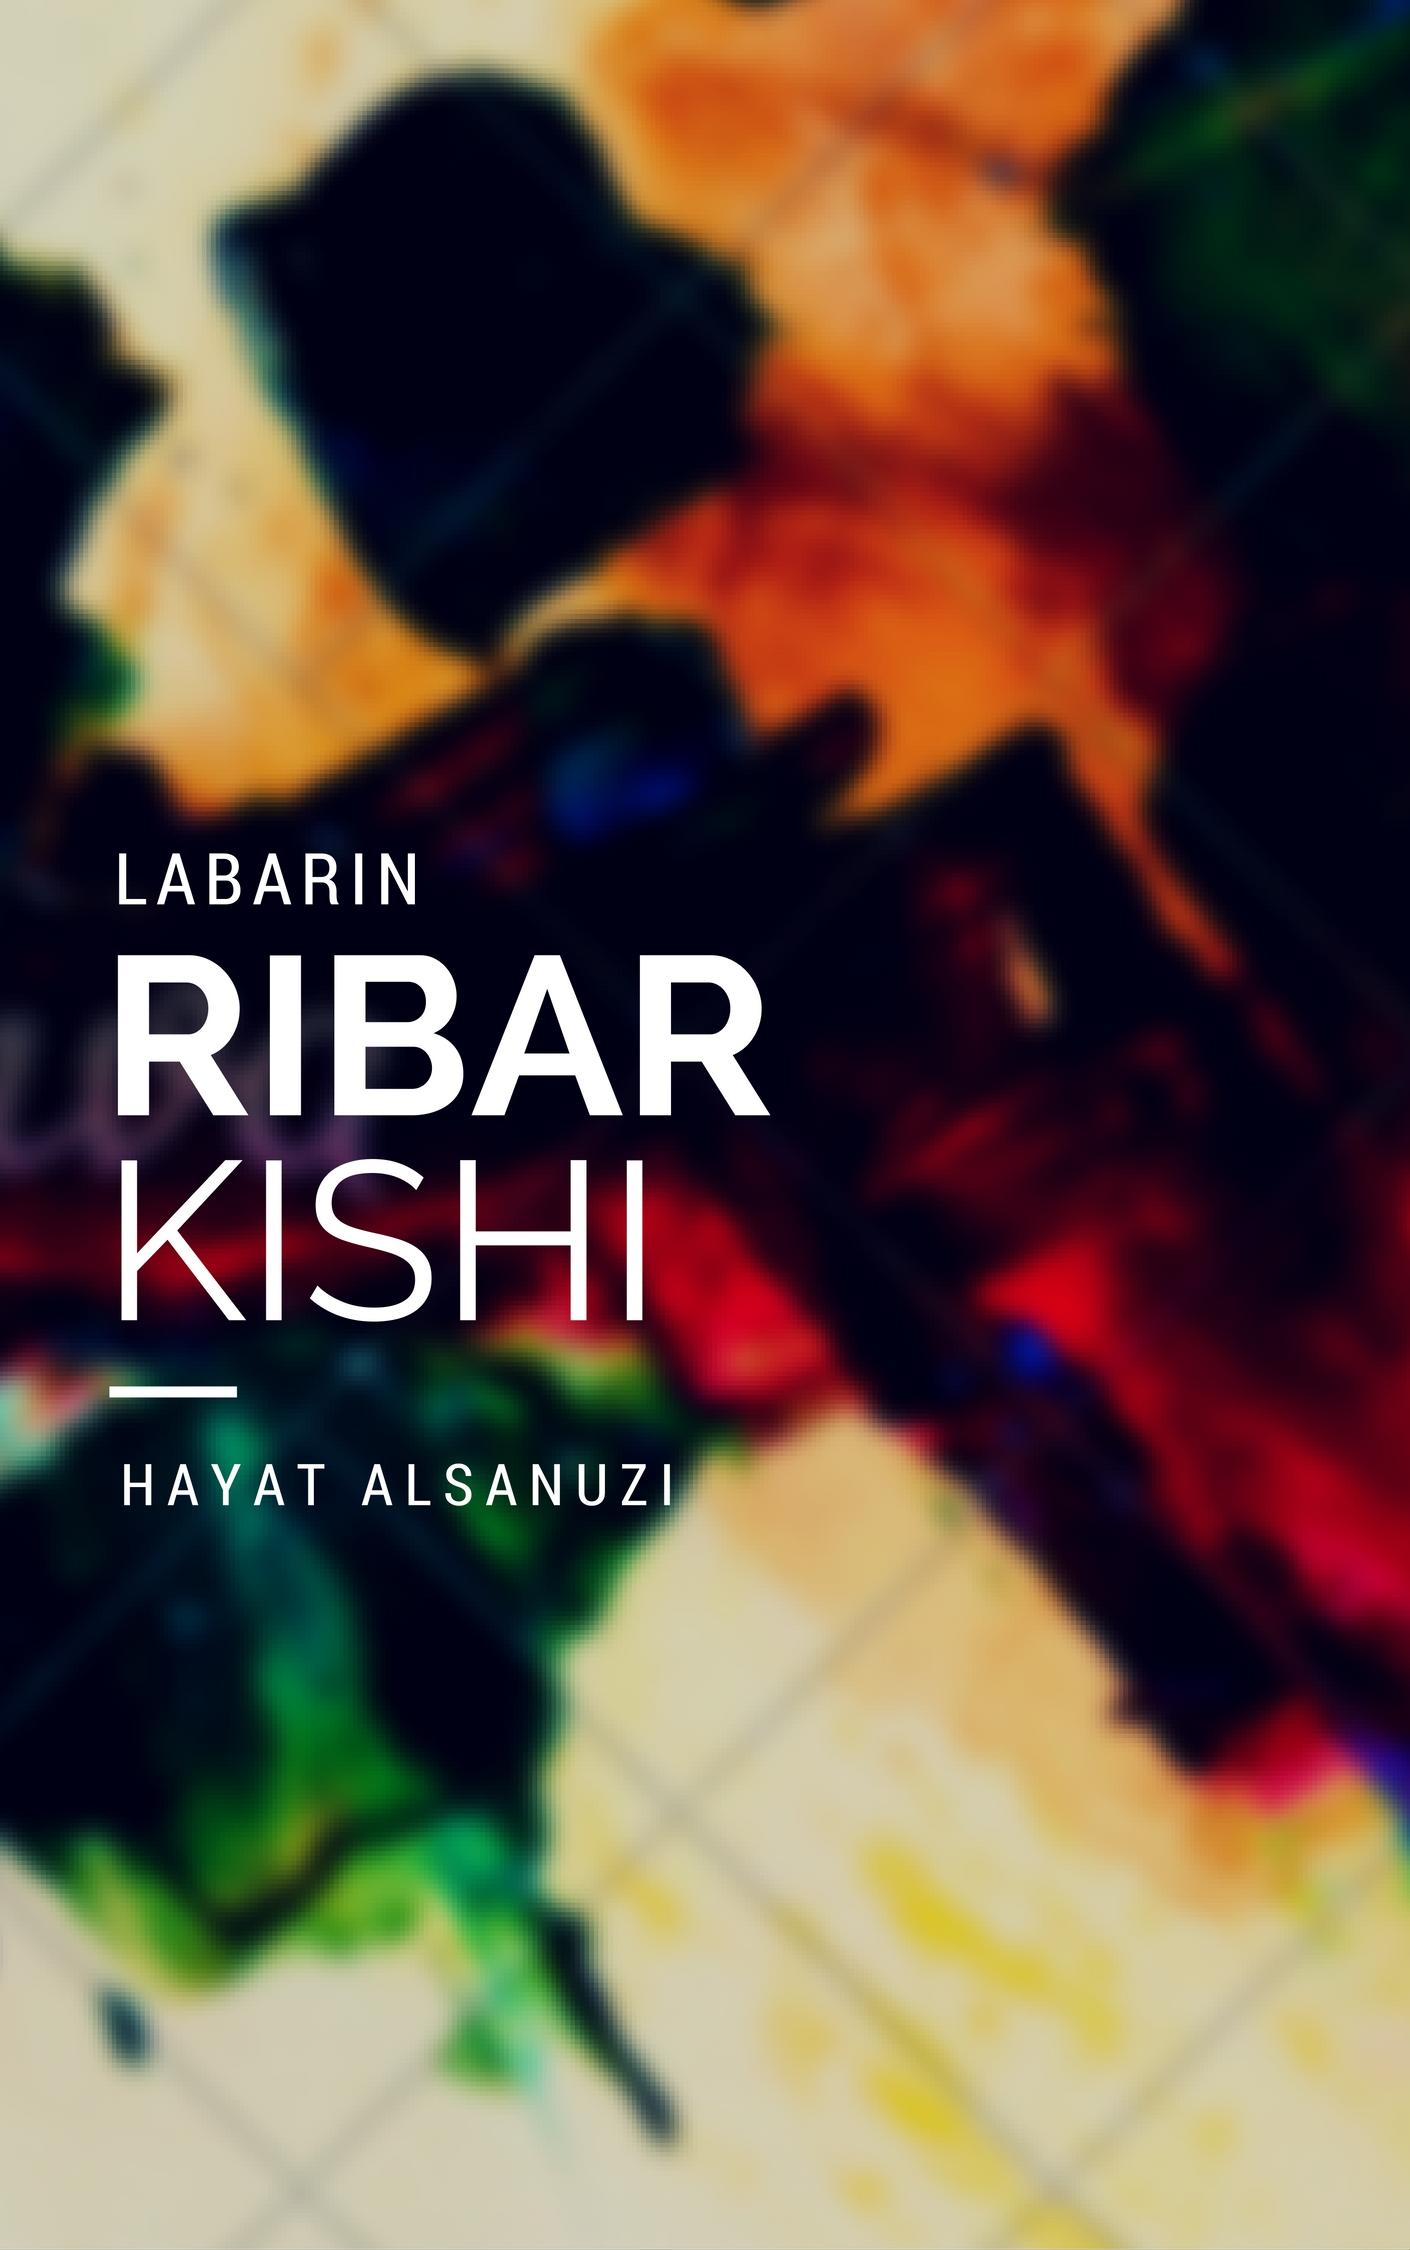 Ribar Kishi, an Ebook by Hayat Alsanuzi